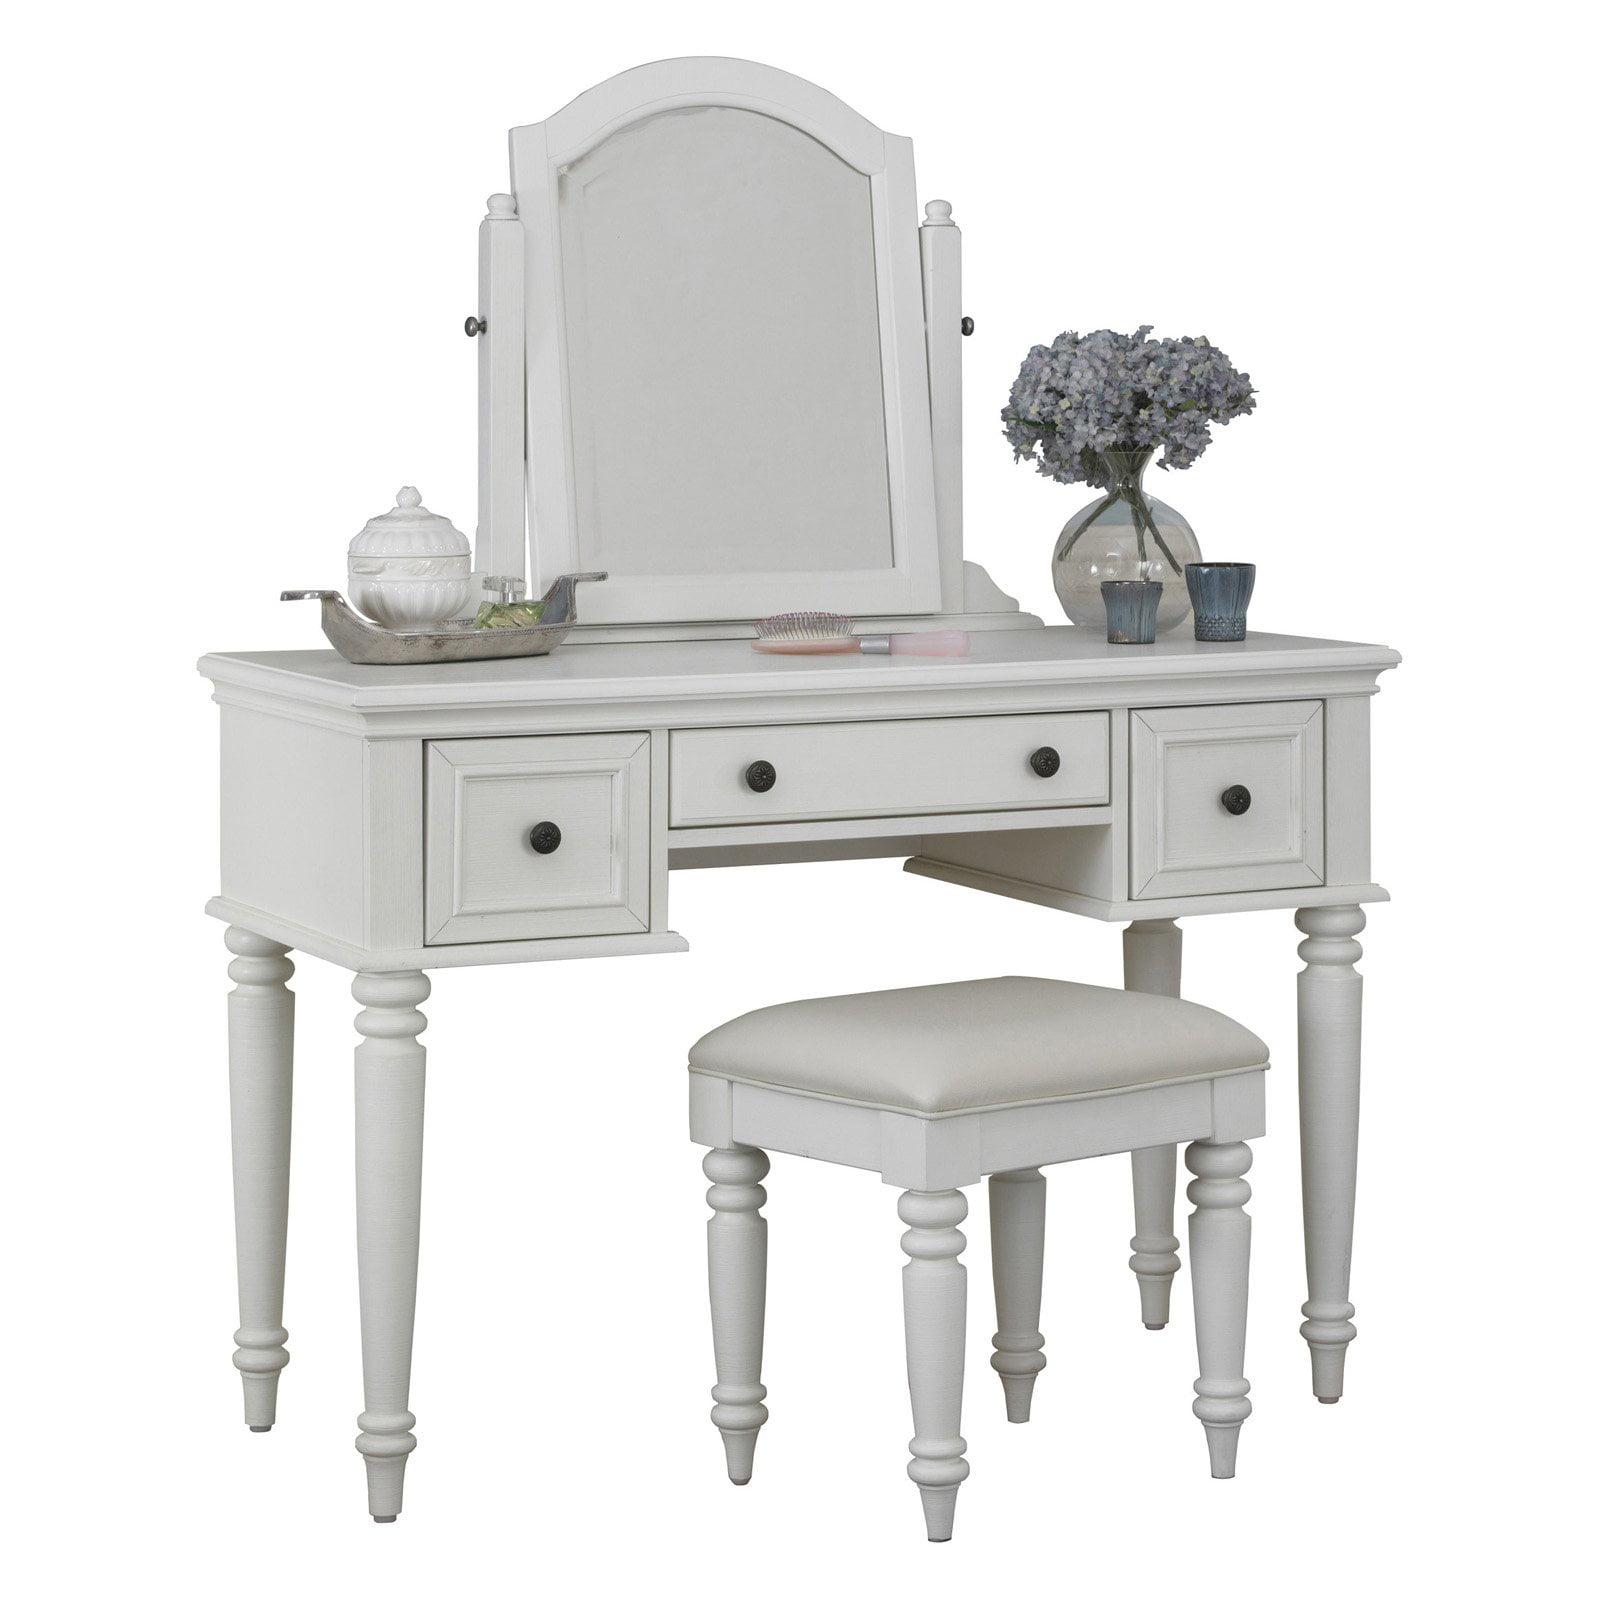 Home Styles Bermuda Bedroom Vanity Table - White - Walmart